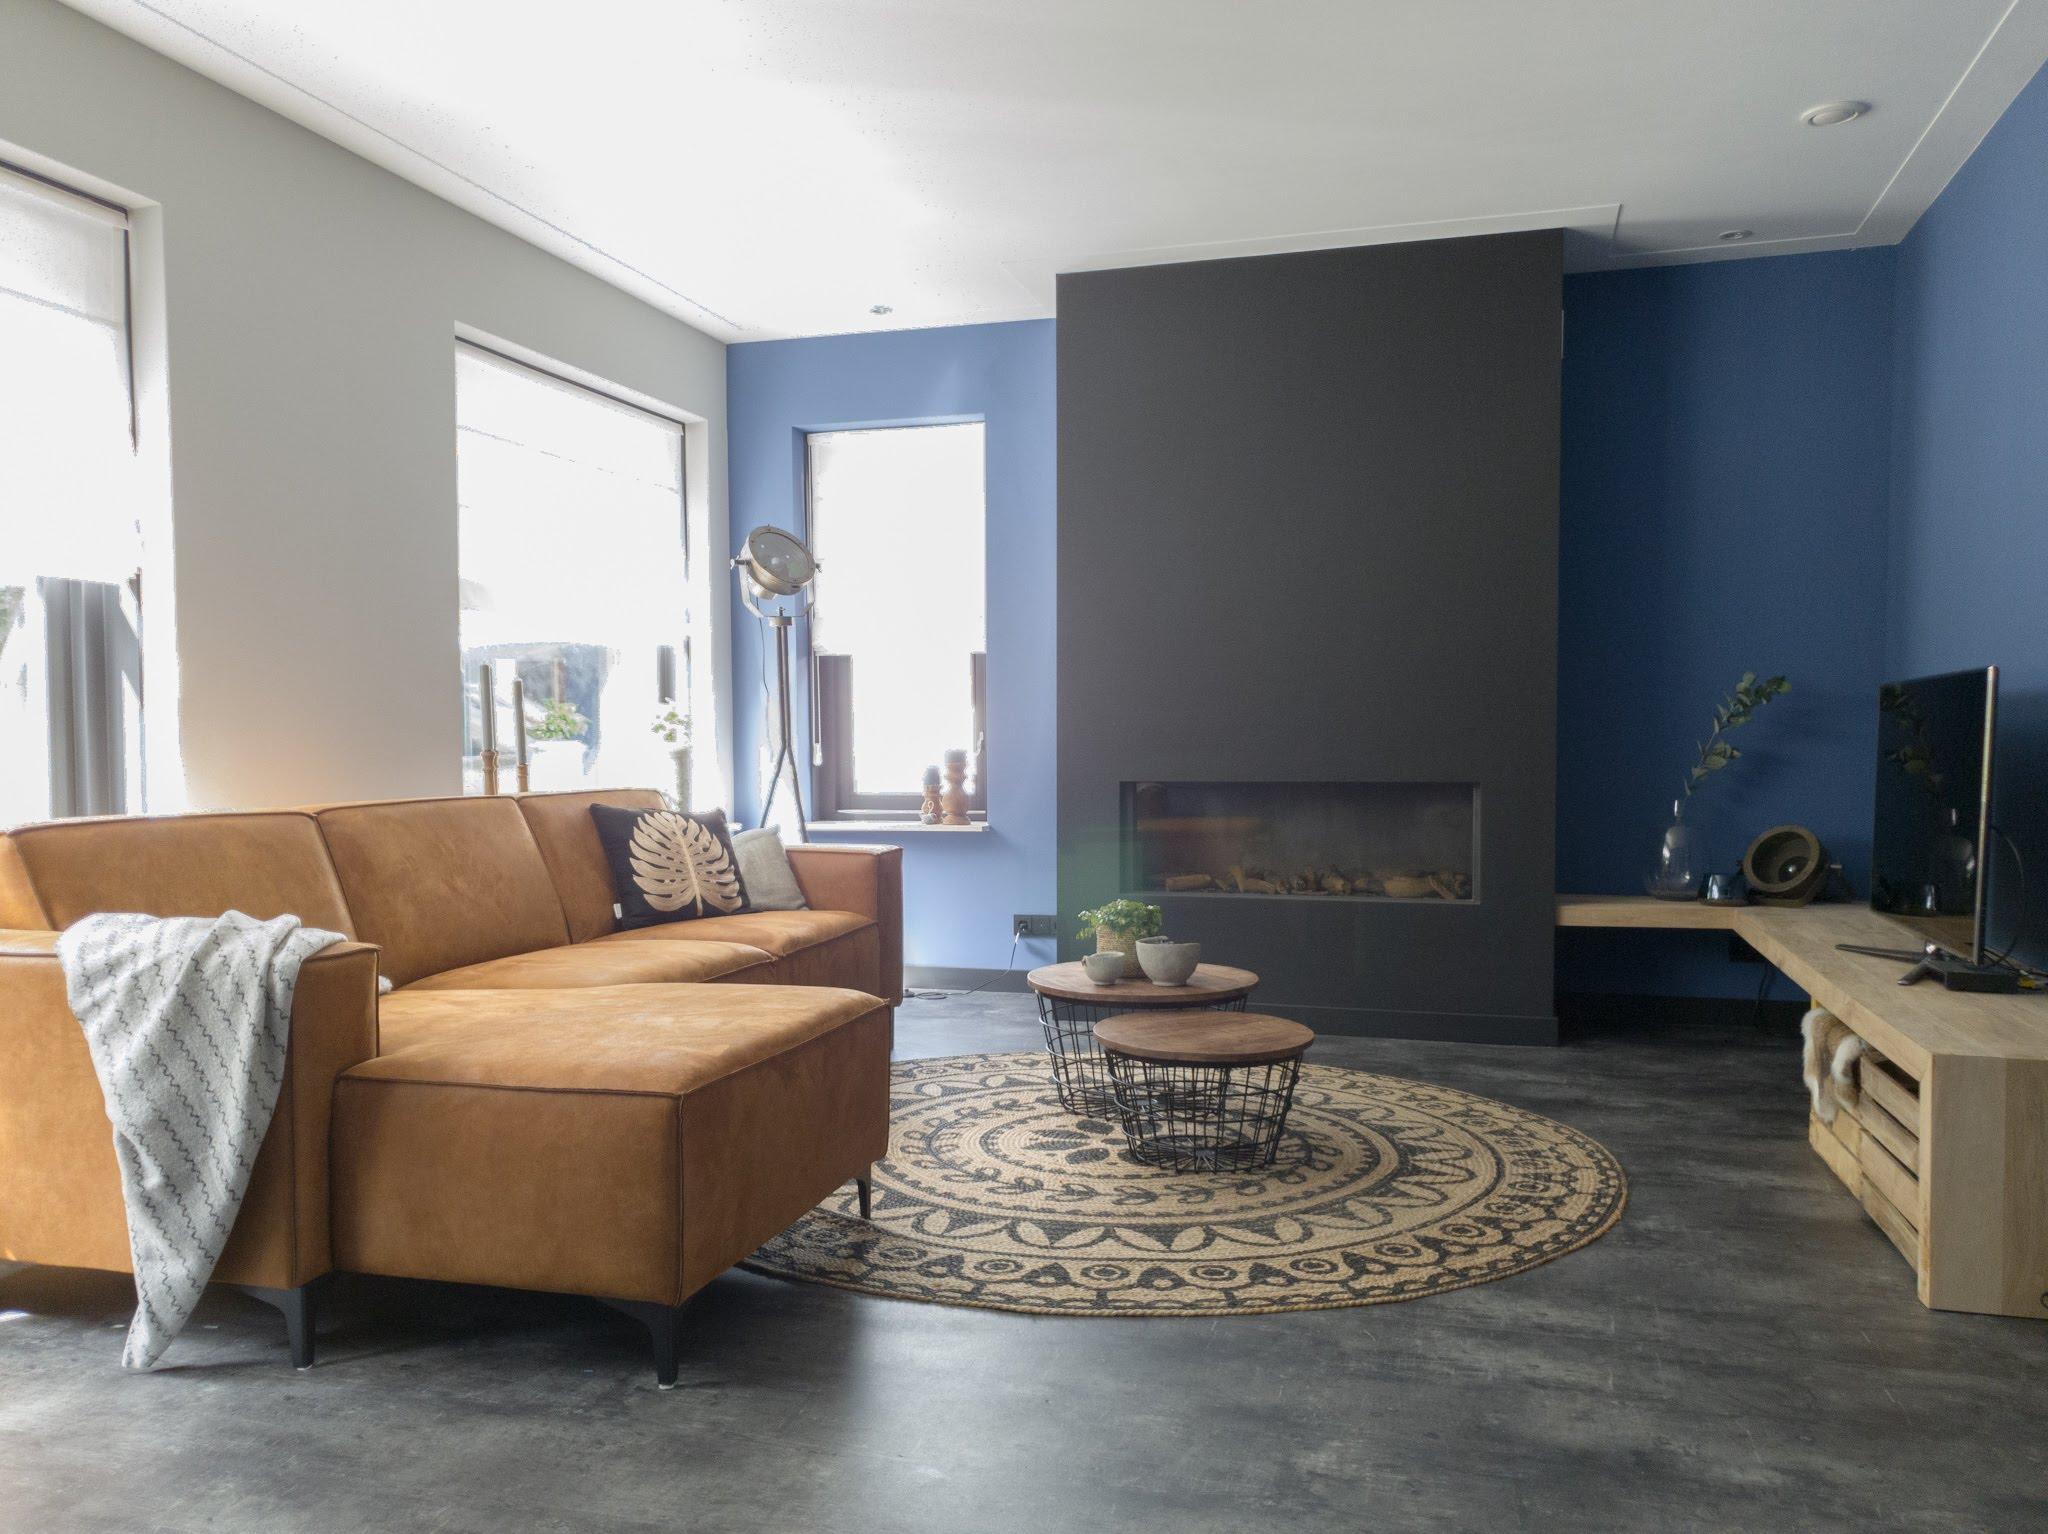 Herinrichting kleuradvies interieurontwerp woonkamer eetkamer cognac zwart blauw (2)